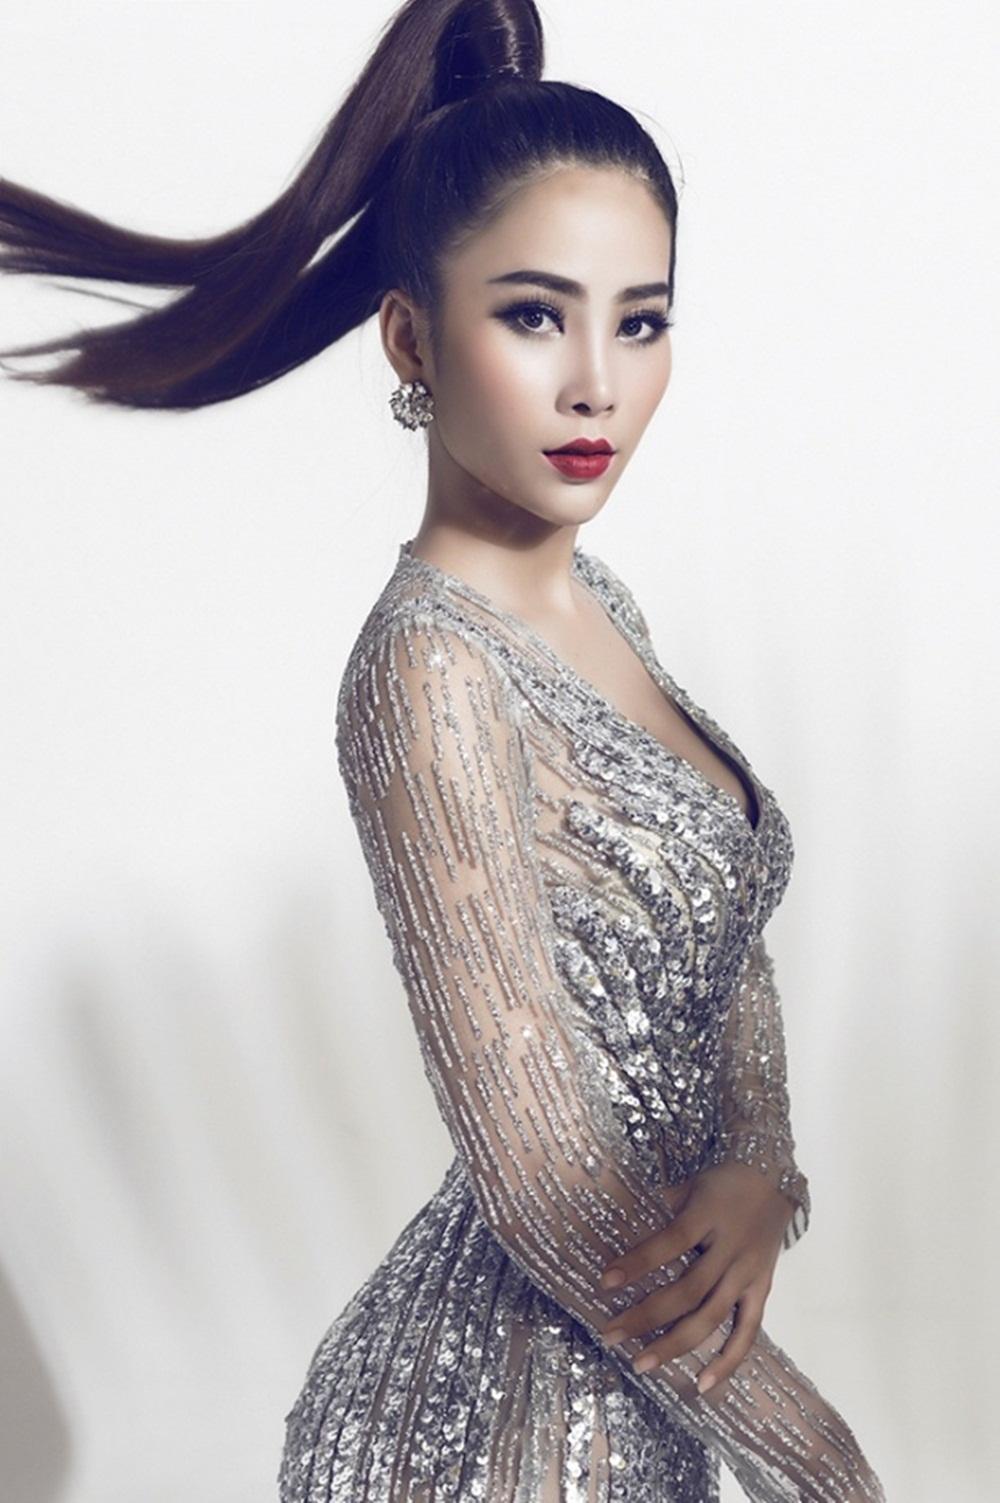 """Sau thời gian dài """"úp mở"""", đơn vị nắm bản quyền đã chính thức thông báo Hoa khôi đồng bằng sông Cửu Long 2015 là đề cử duy nhất để đại diện Việt Nam tham gia Miss Earth 2016 tại Philippines vào tháng 10 năm nay."""